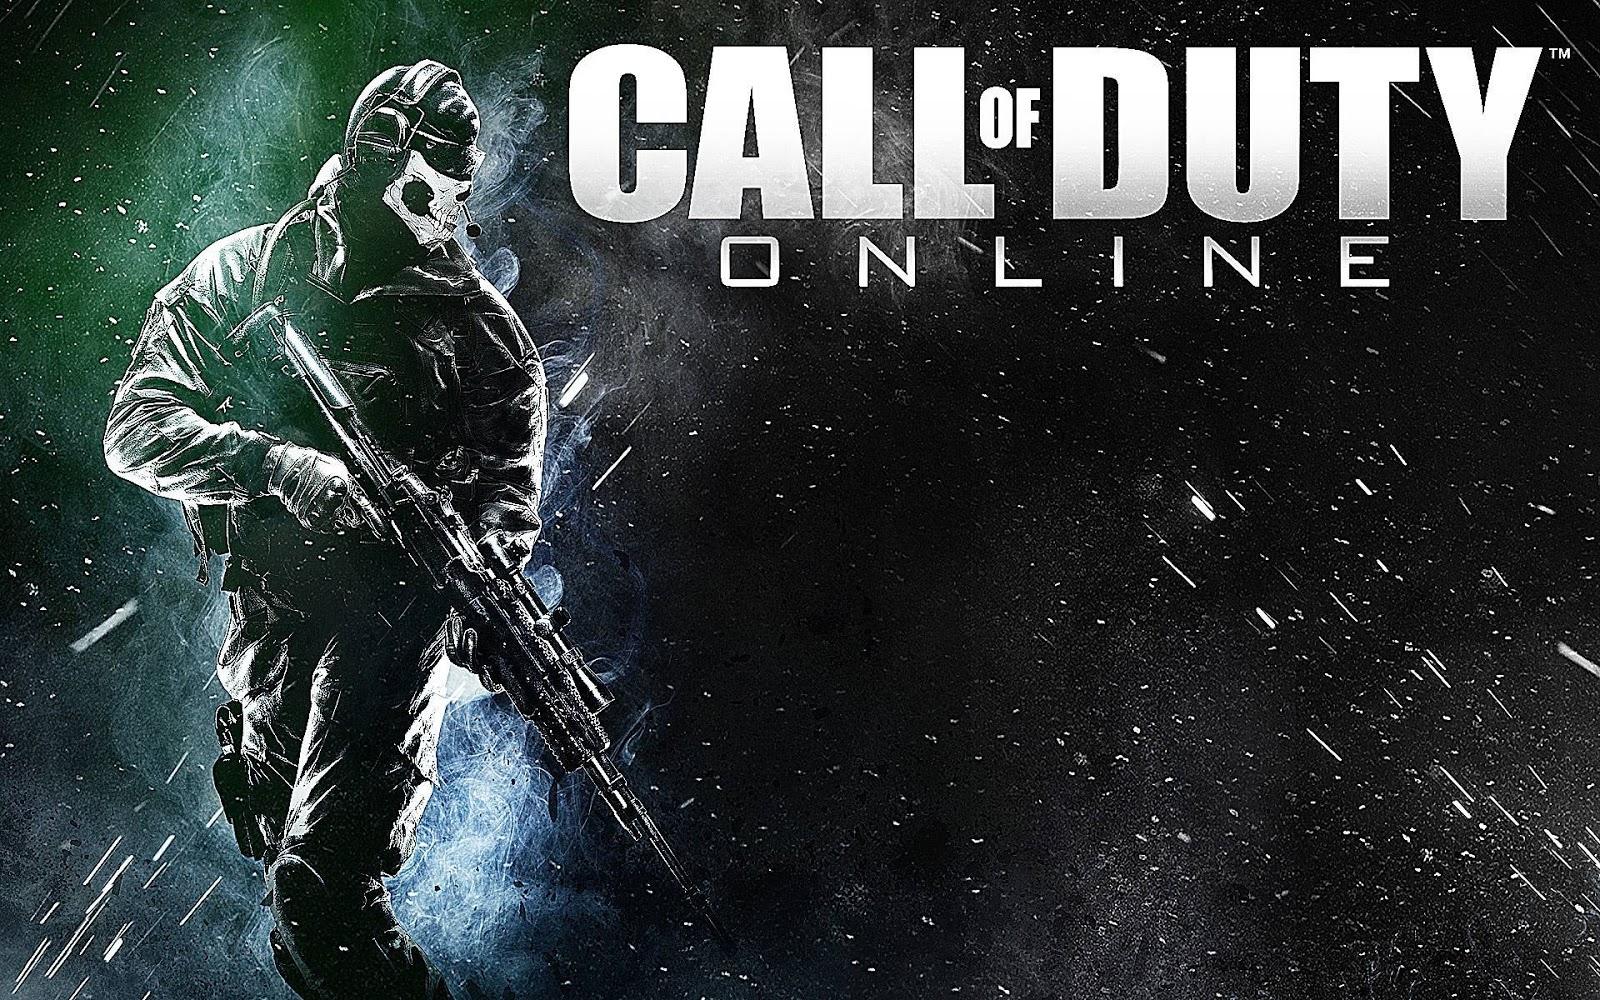 Call Of Duty Online Wallpaper E Fotos Em HD